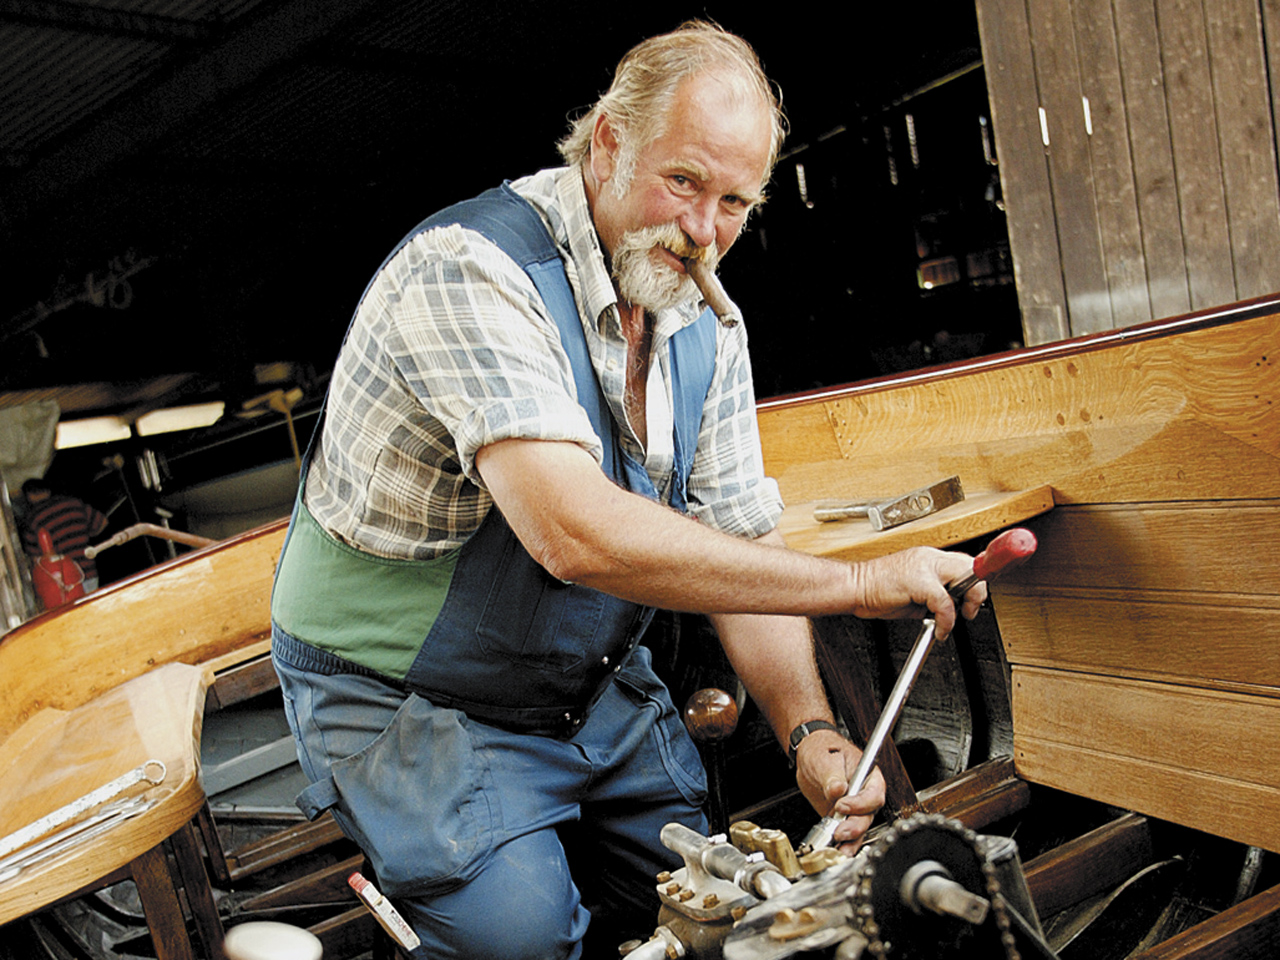 Der Bootsbauer bei der Arbeit (Foto: © Ulli Seer)